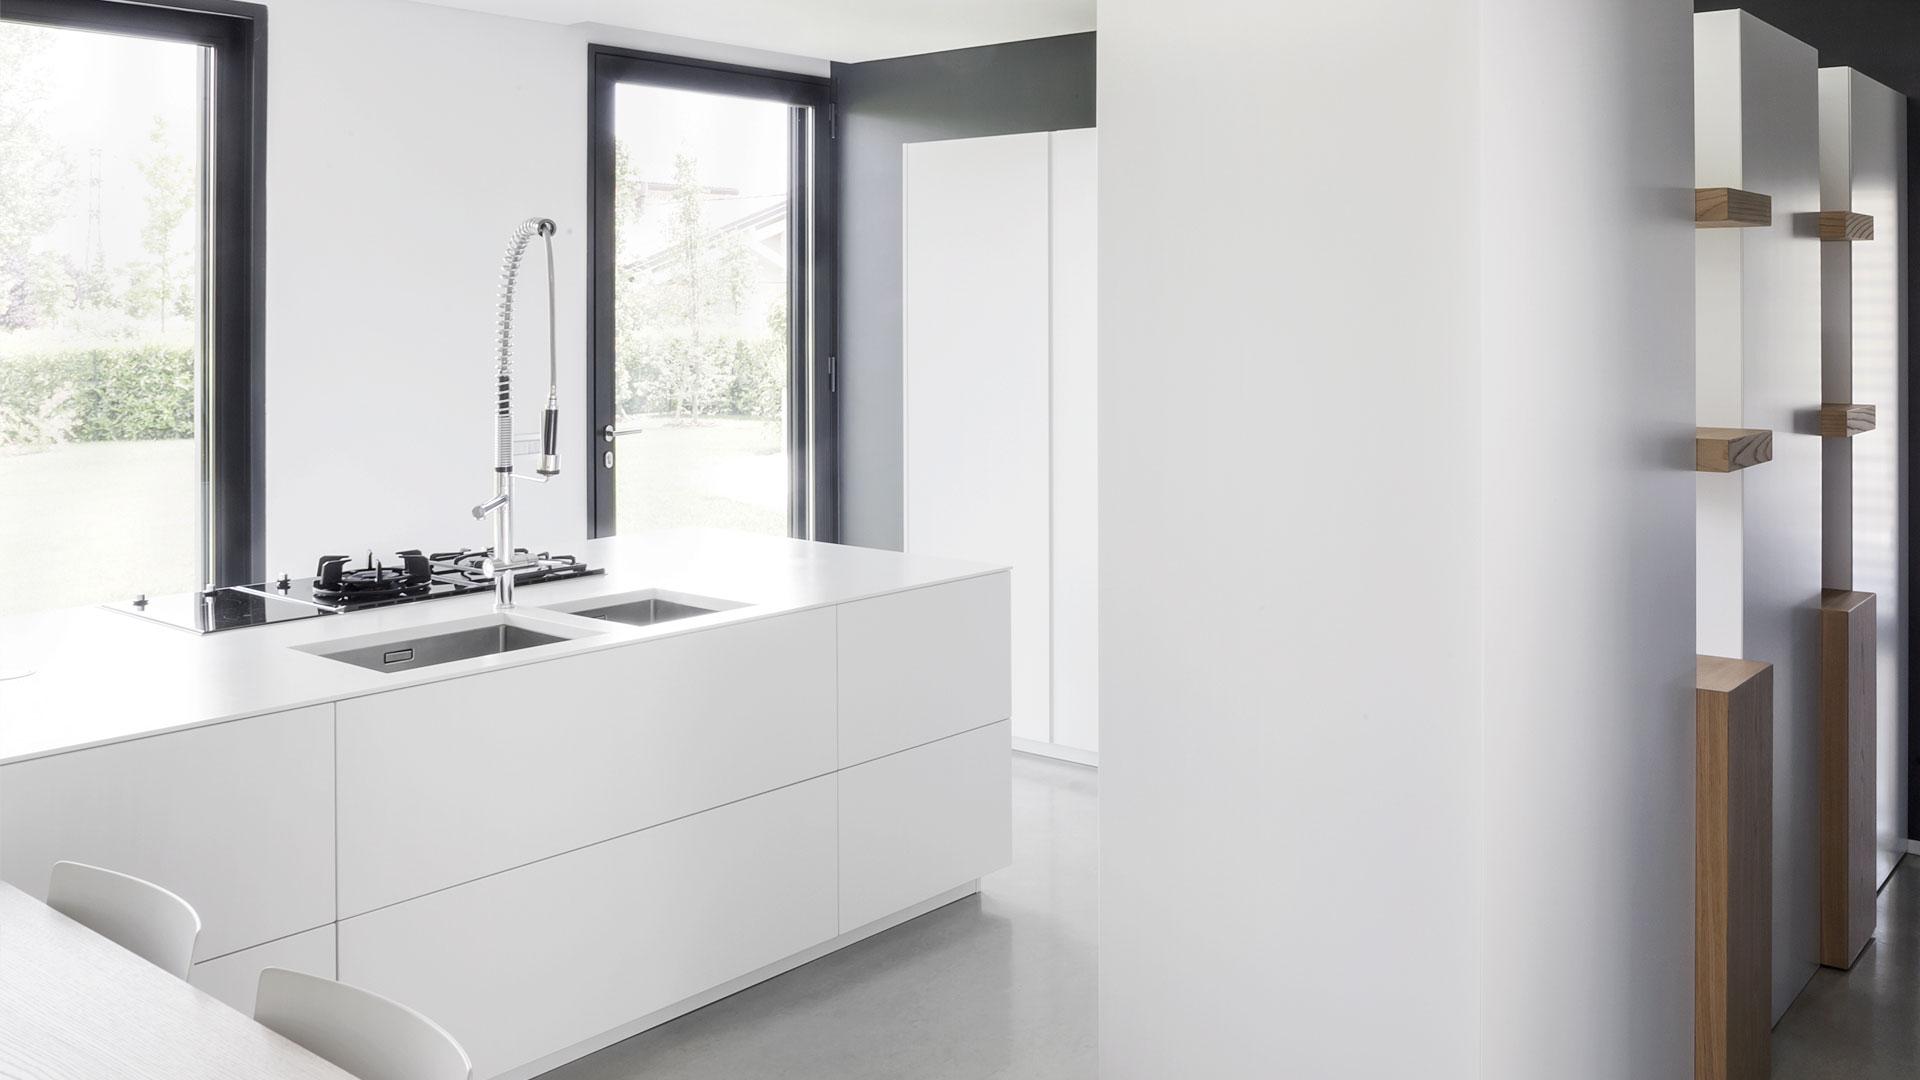 Cucina design con isola con piano in quarzo for Isola cucina design